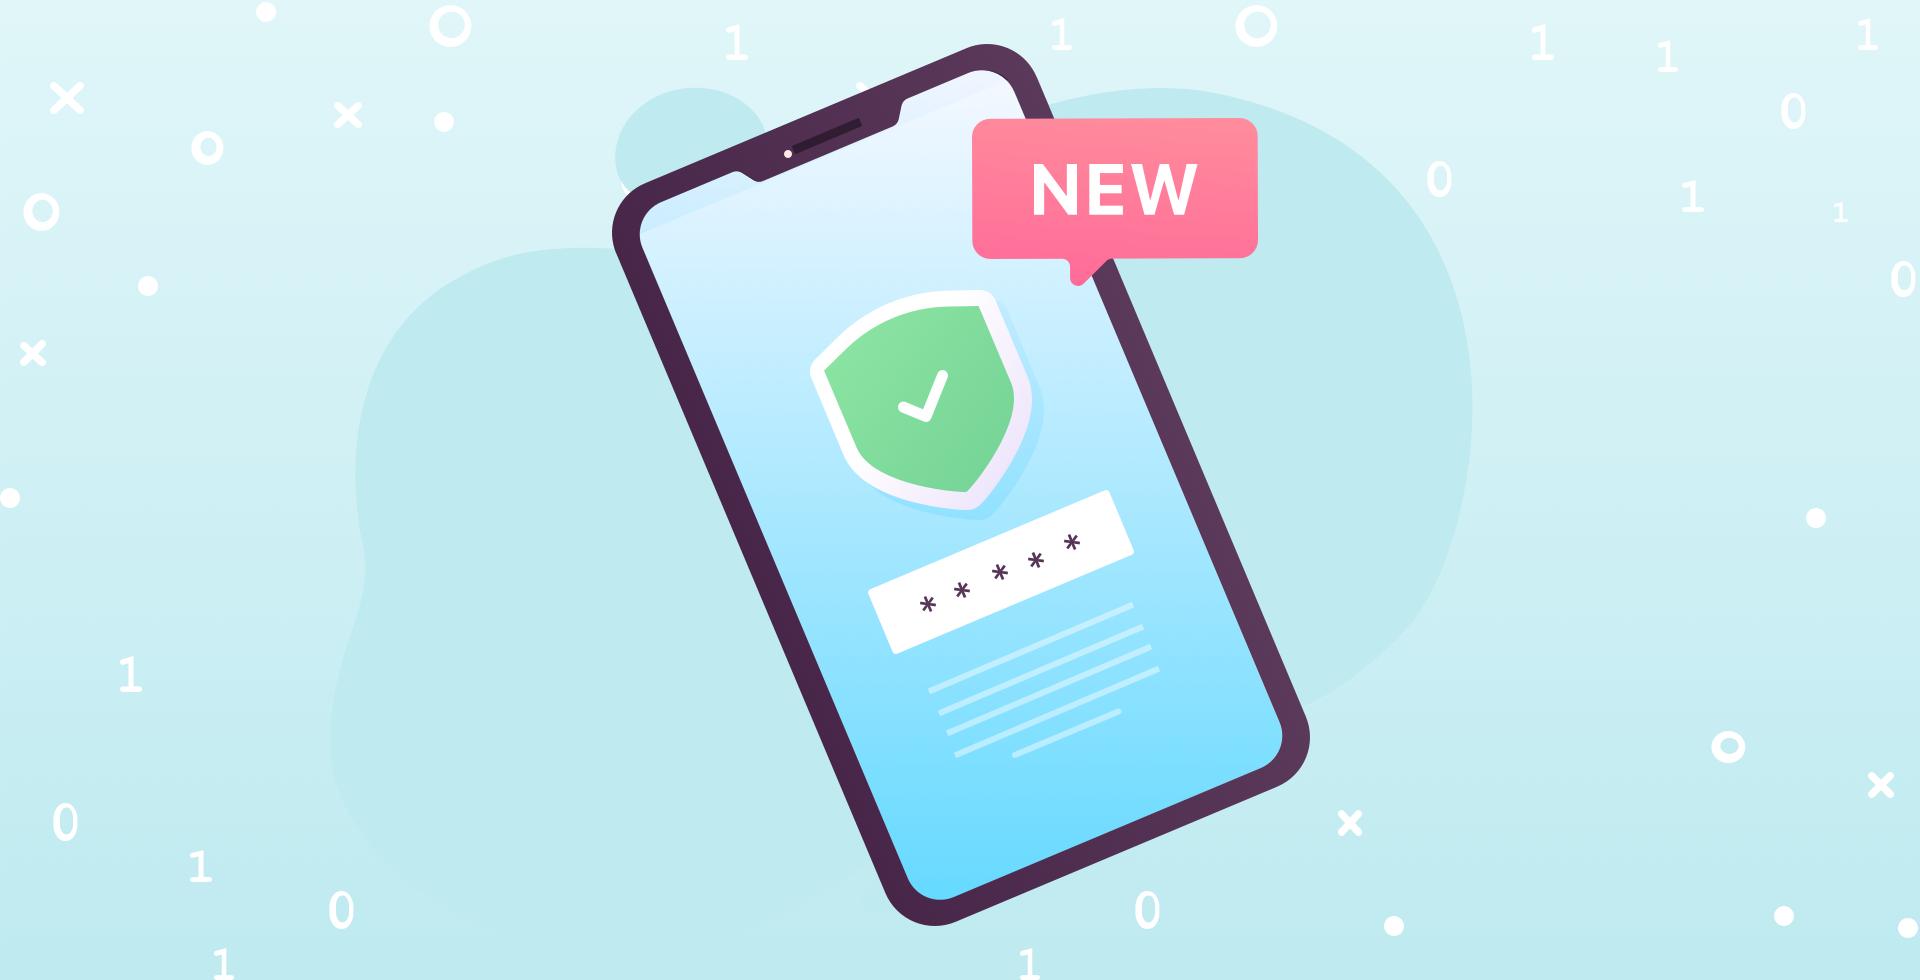 「PayPay」のSMS認証機能のセキュリティー強化について